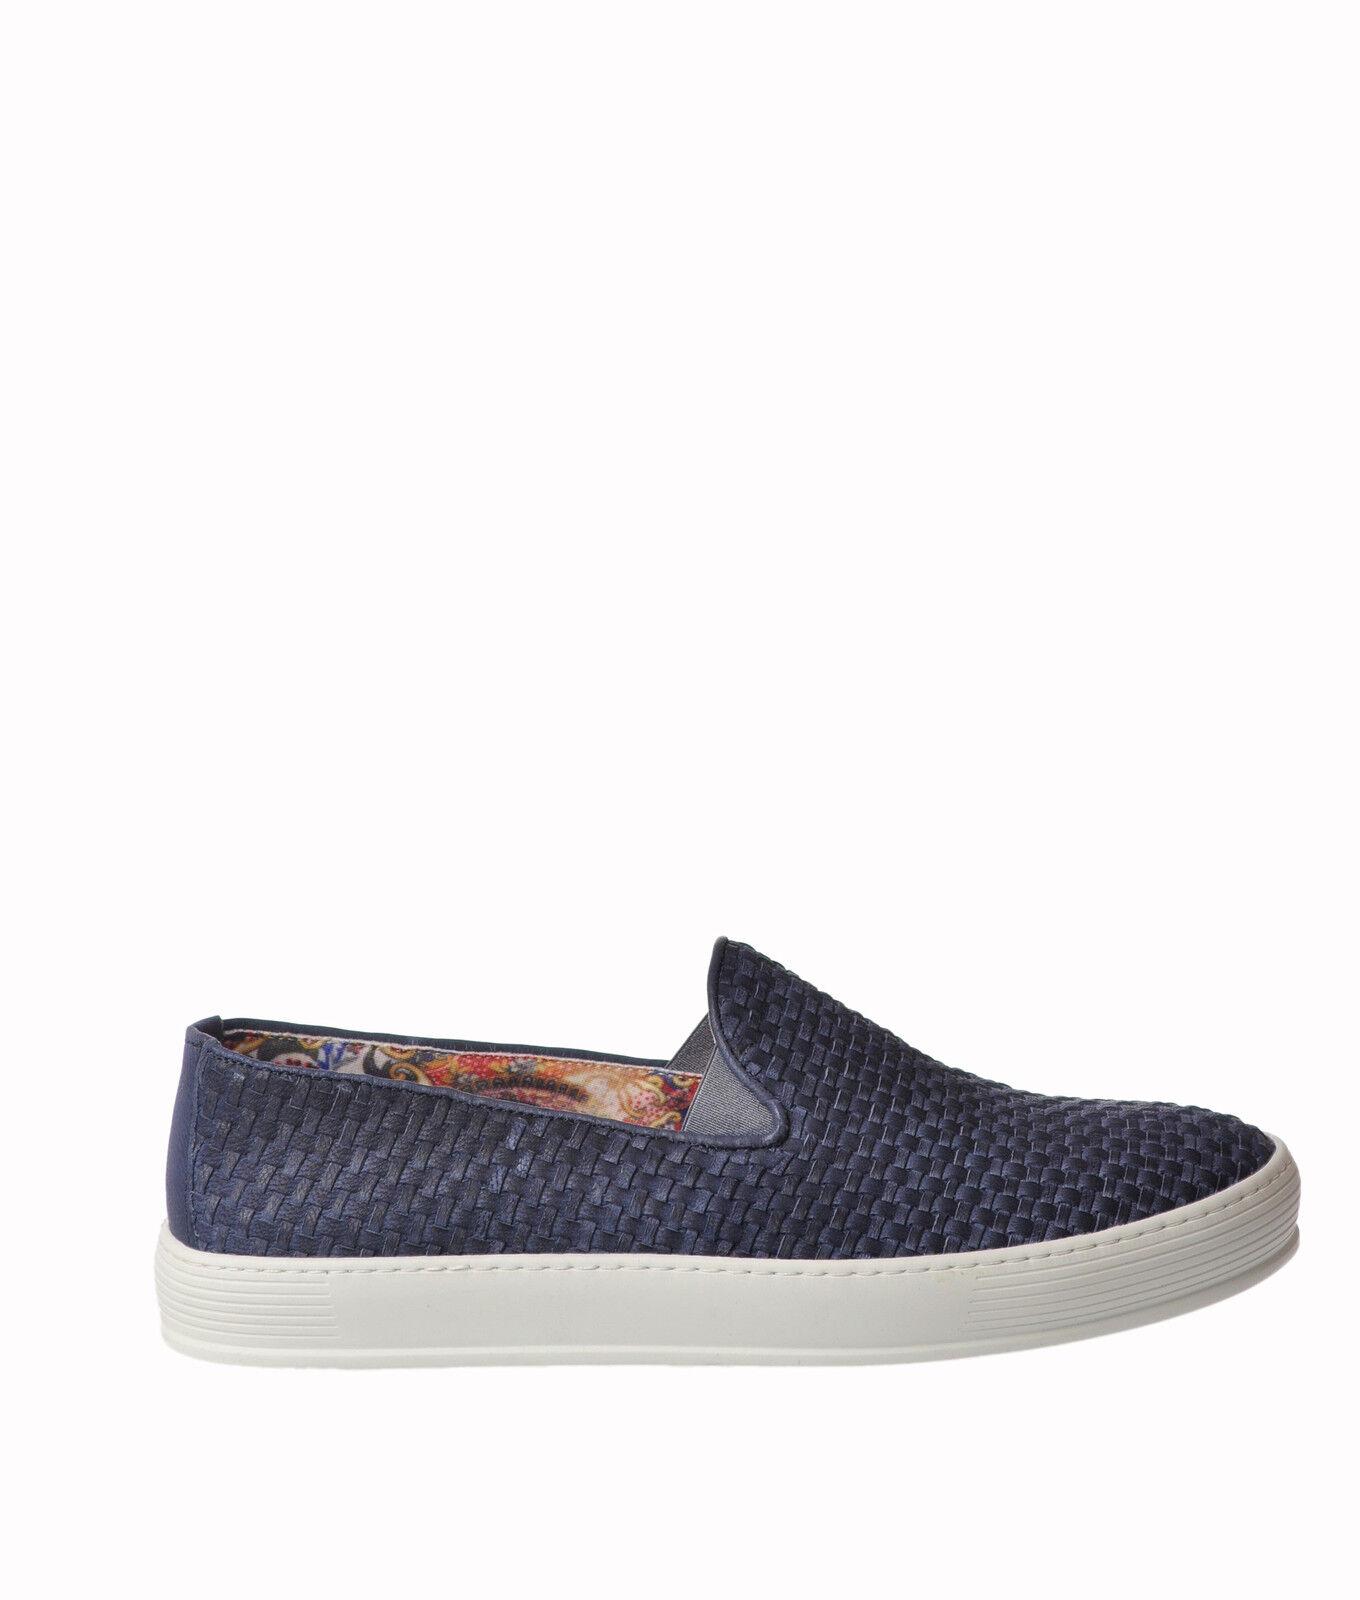 il più recente FLOW  - - -  scarpe da ginnastica - Uomo - Blu - 3700527A184316  in vendita